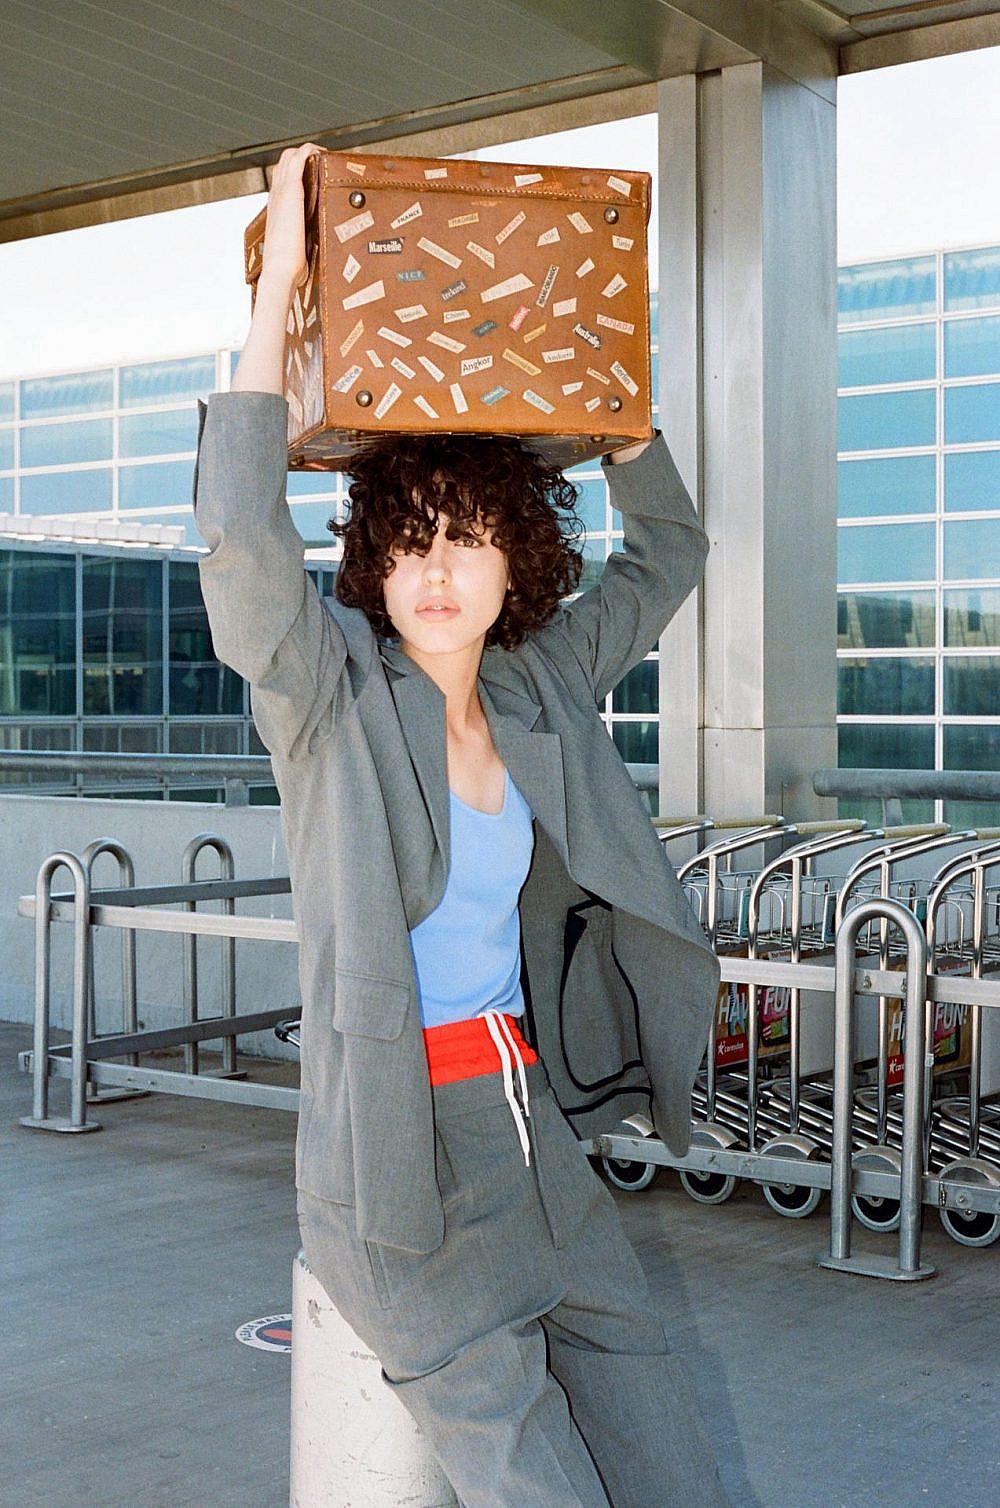 צילום: תום מרשק, סטיילינג: אלין זידקוב לArtbook, דוגמנית: אריאל הלוי לרוברטו. חליפה וחולצה אמריקן וינטג', מכנסיים ומזוודה איתי גונן וינטג'